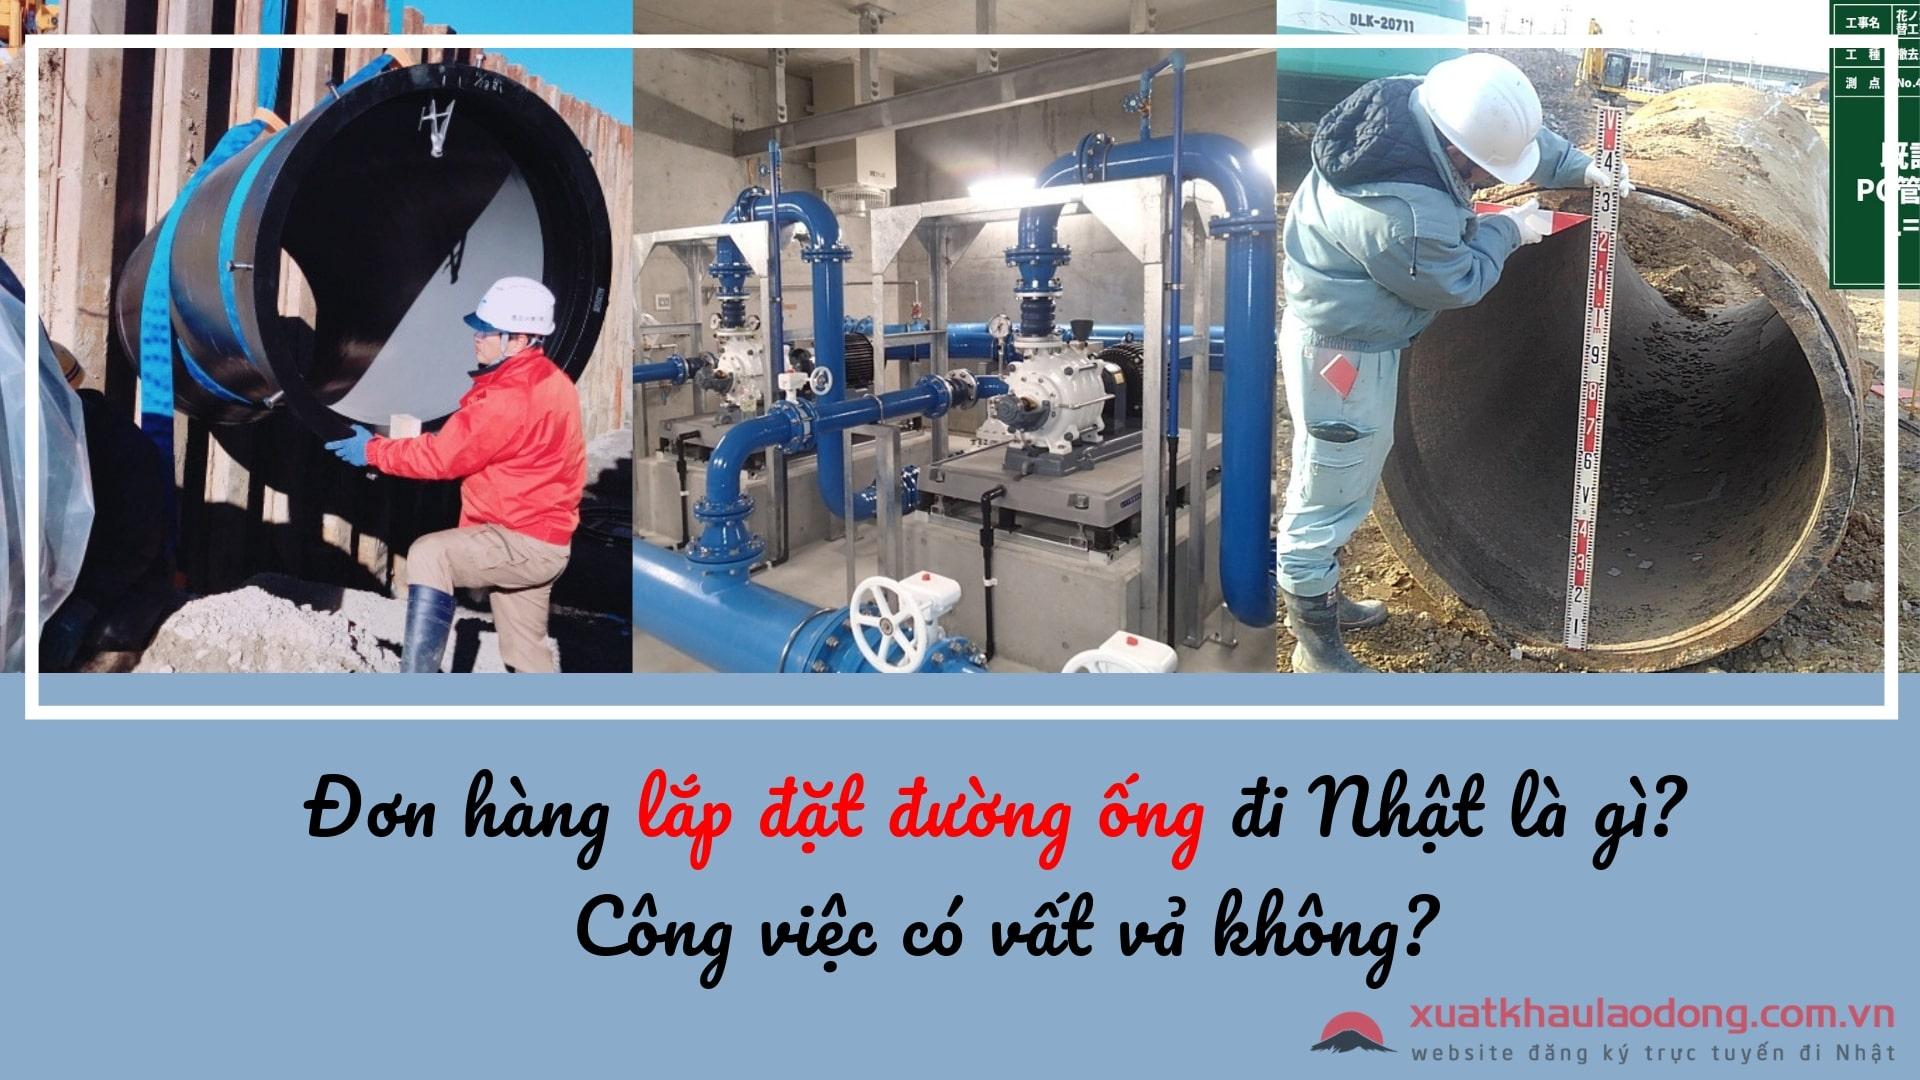 Đơn hàng lắp đặt đường ống đi Nhật là gì? Công việc có vất vả không?